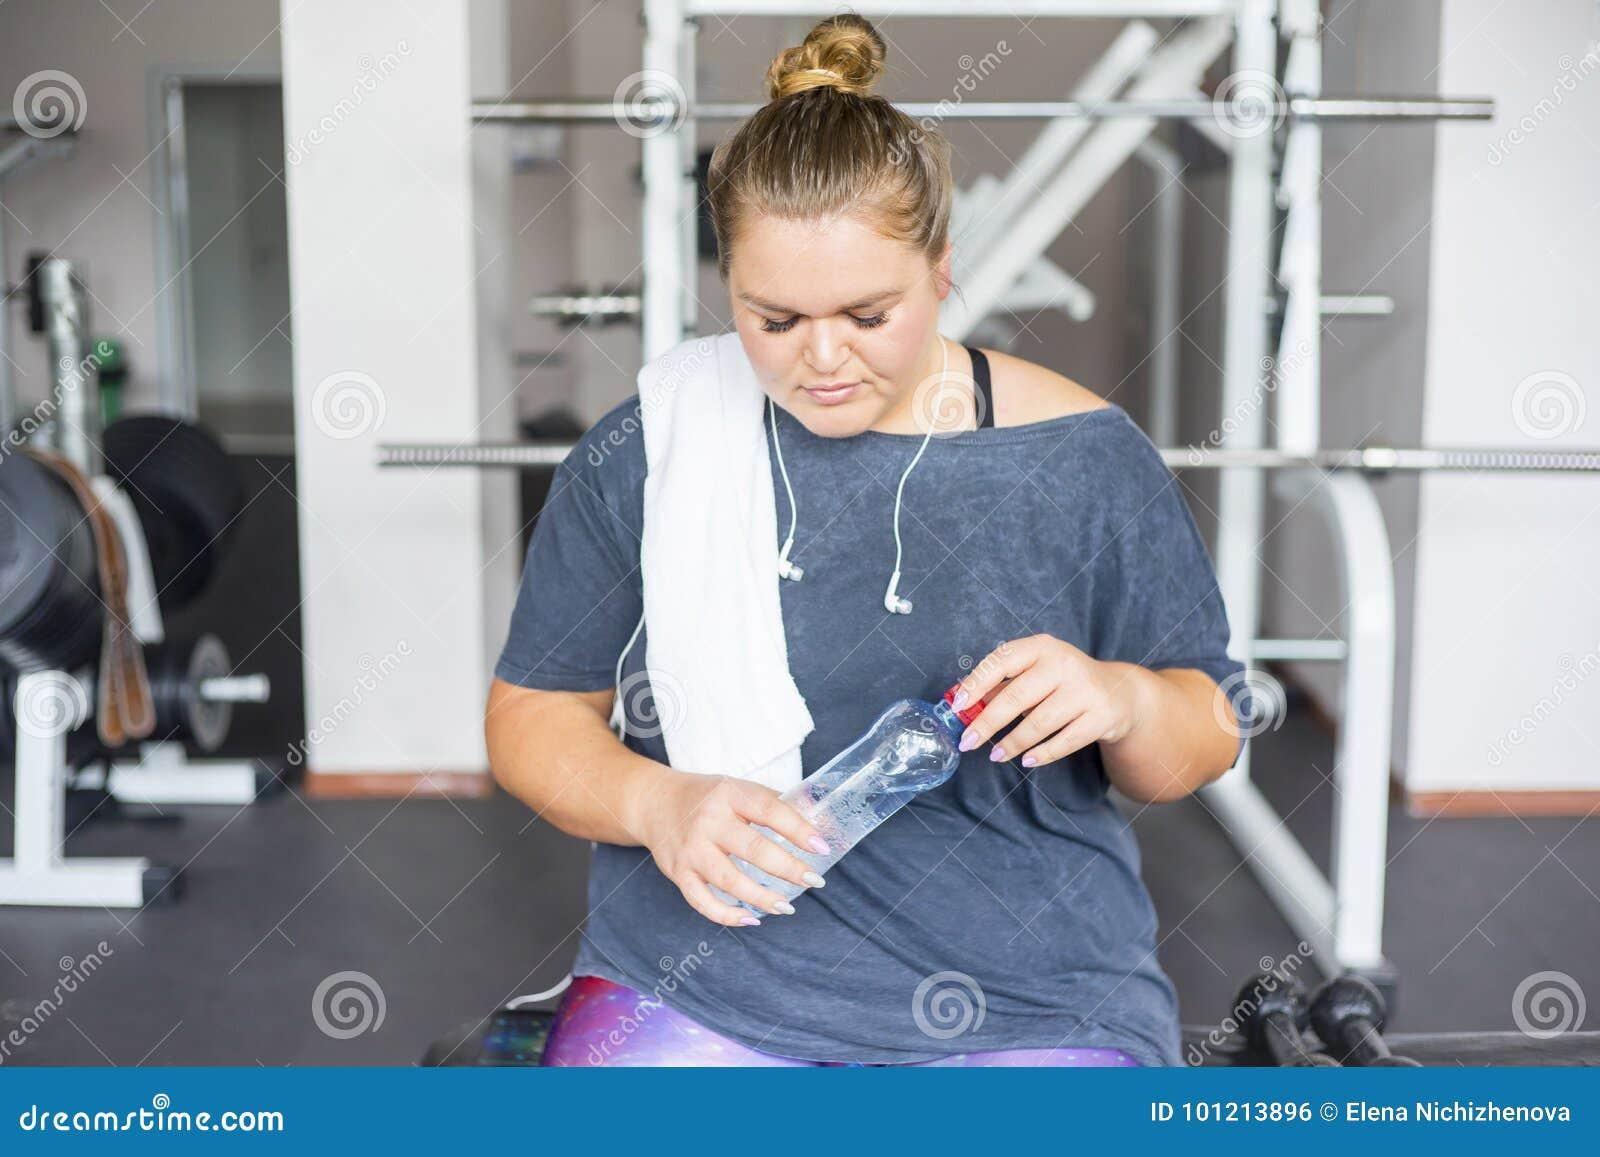 Grosse fille dans un gymnase